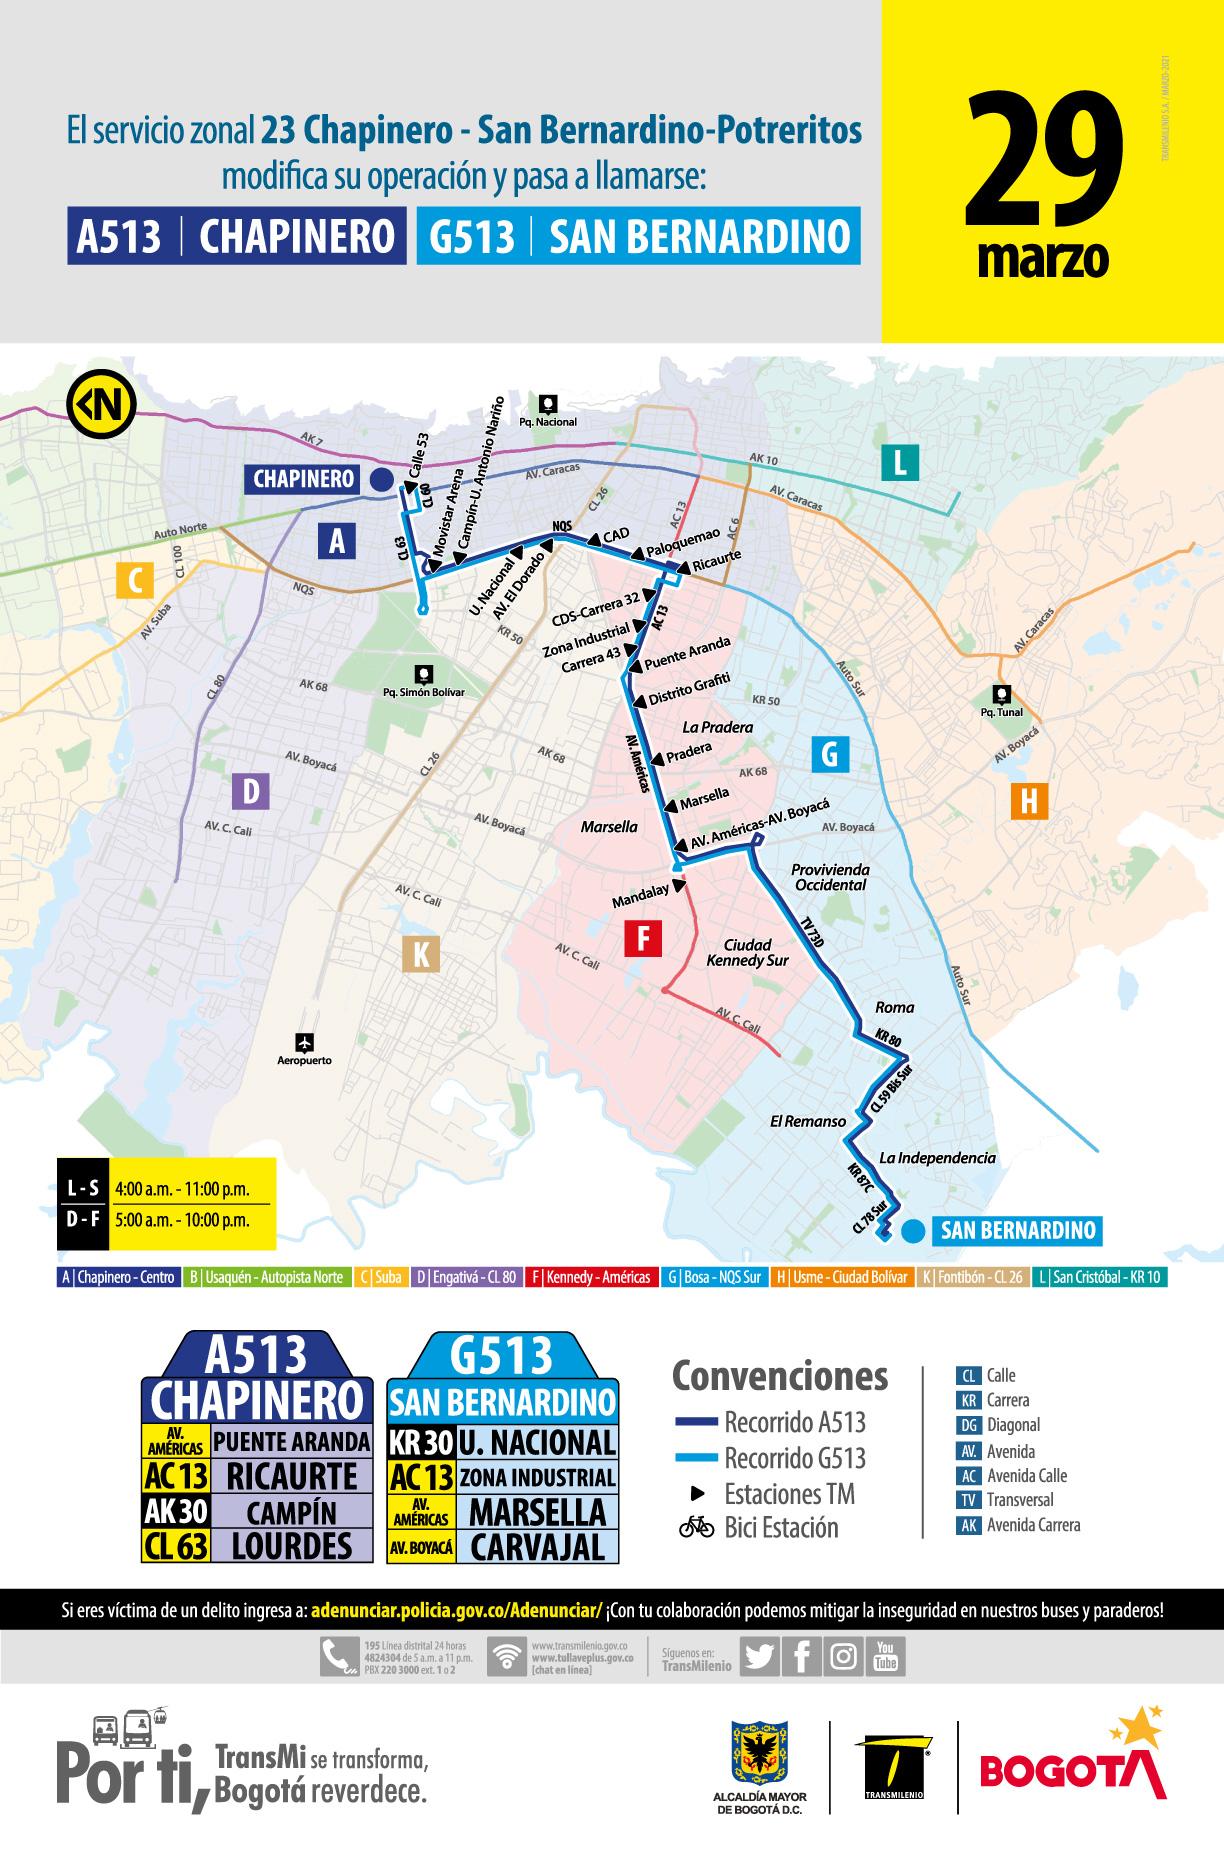 La ruta 23 Chapinero – San Bernandino – Potreritos pasará a llamar A513 Chapinero – G513 San Bernandino